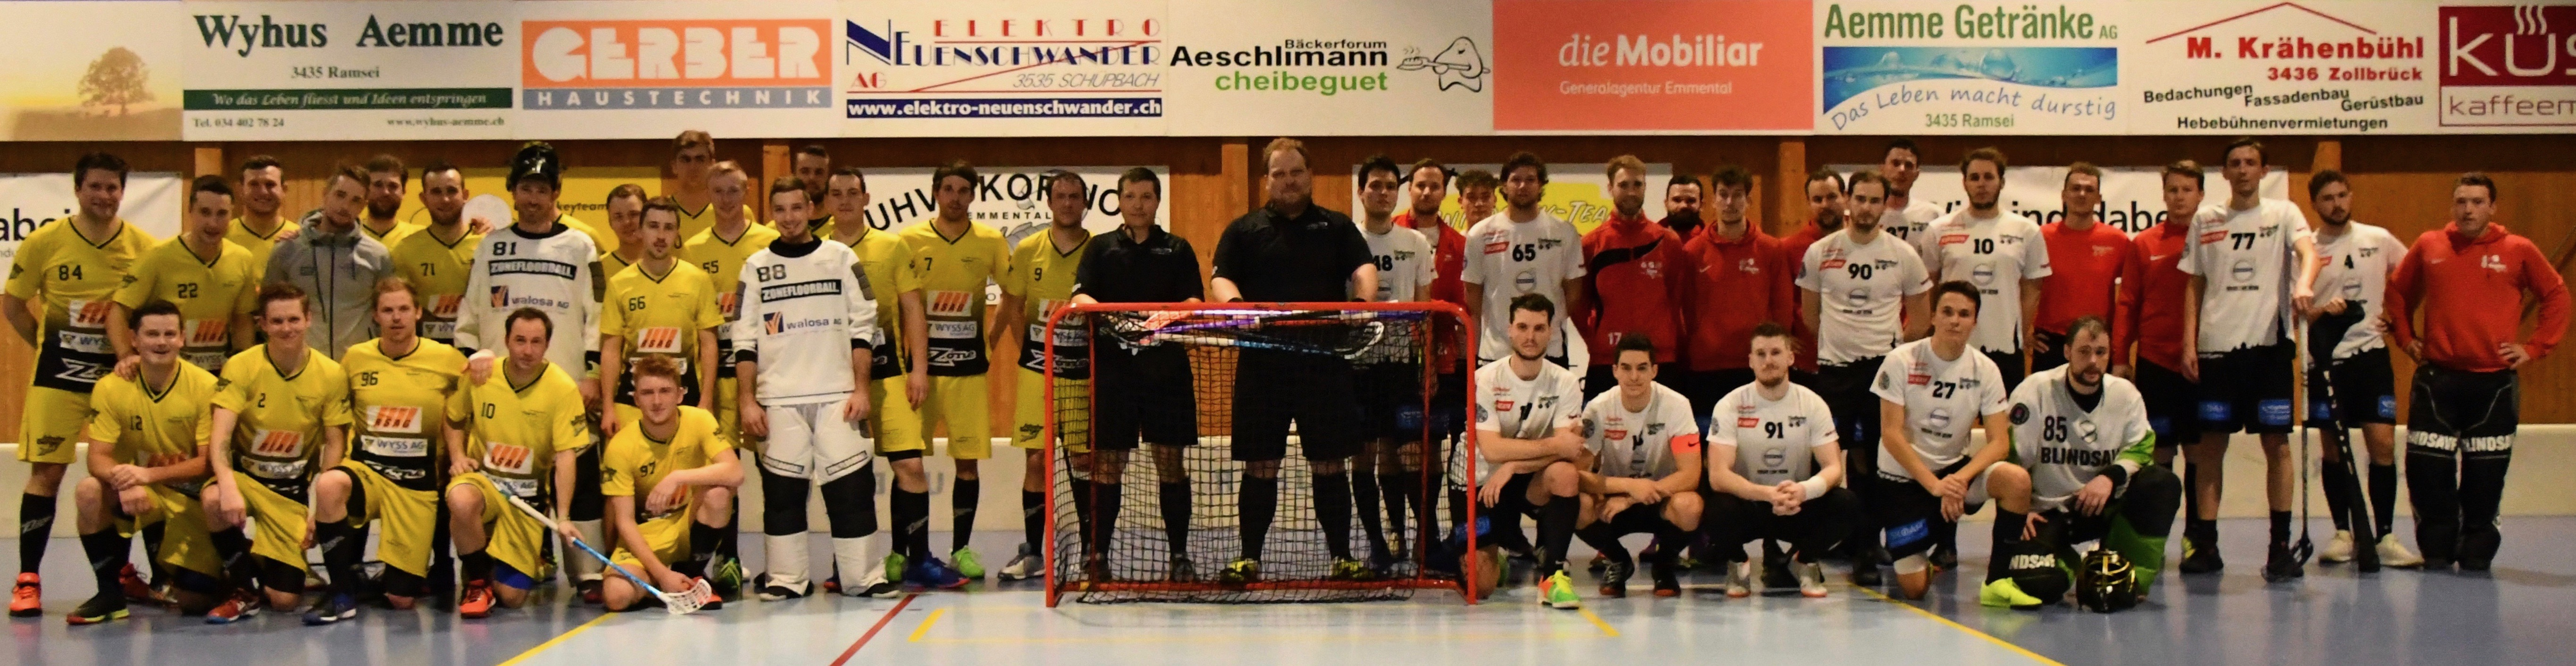 Herren l - Bern Capitals, Saison 2018/19